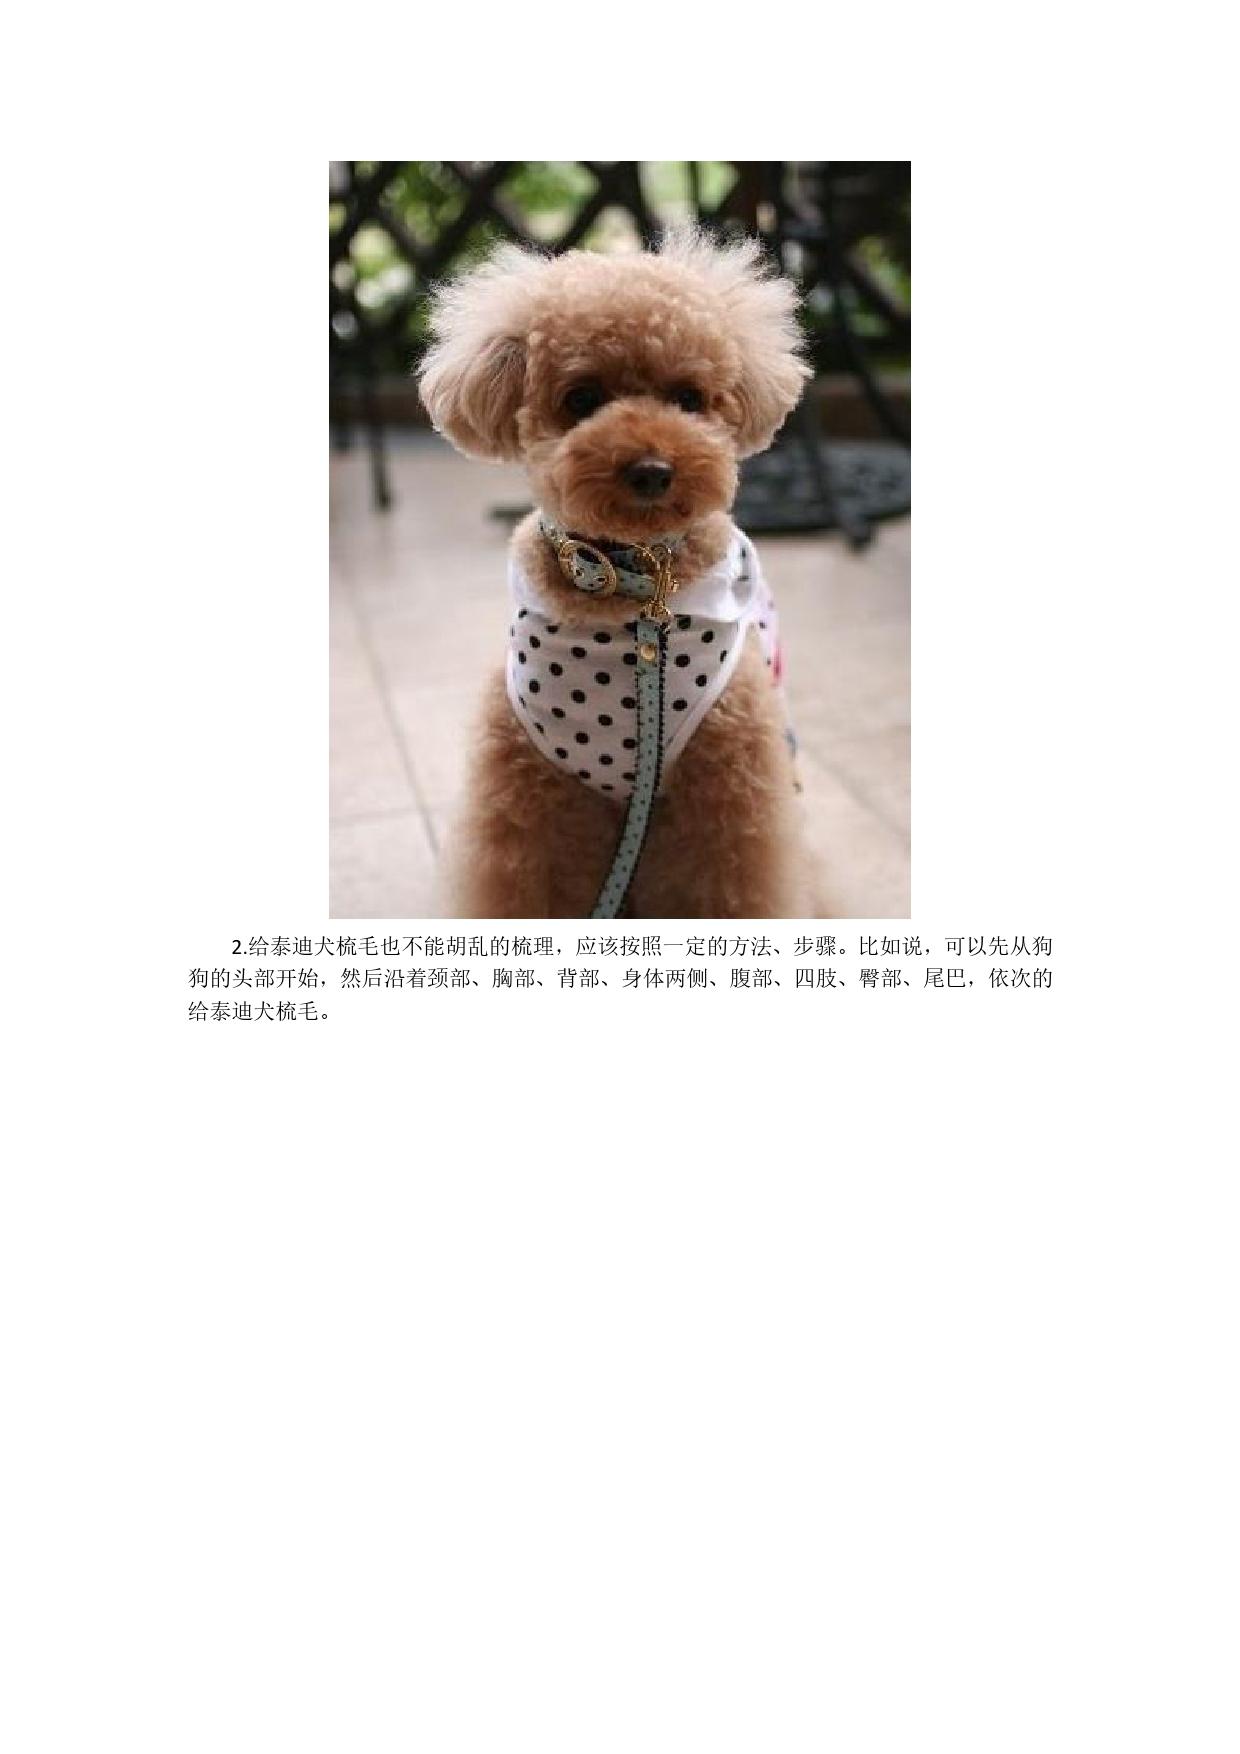 泰迪狗的发型怎么剪